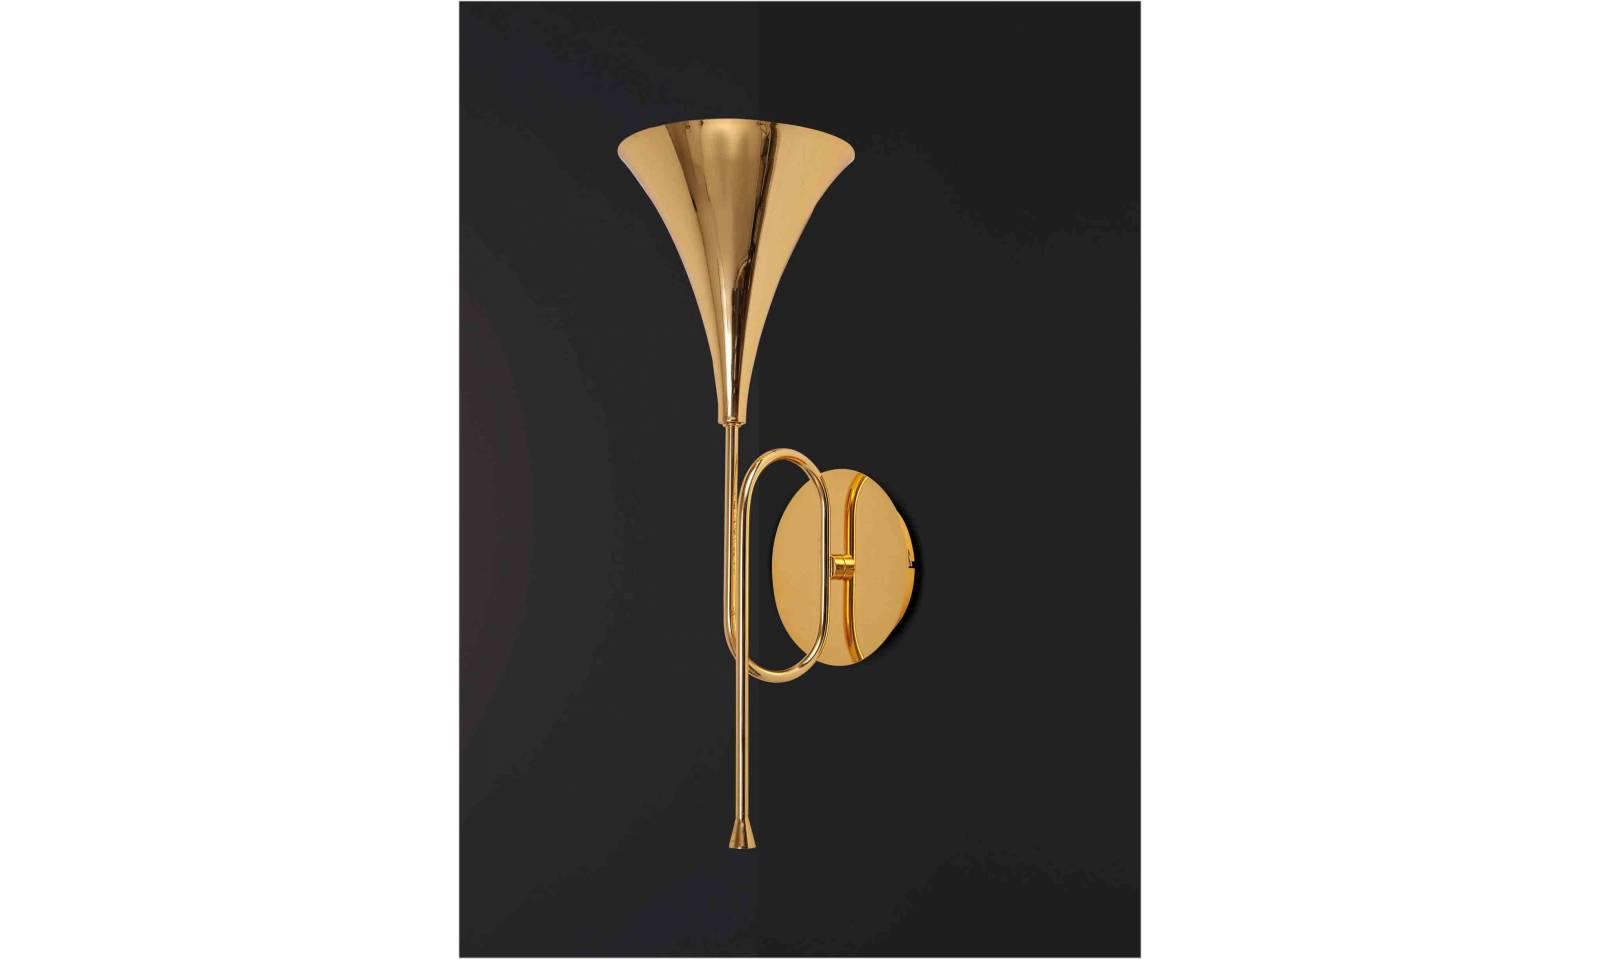 Mantra beleuchtung wandleuchte jazz design lampe